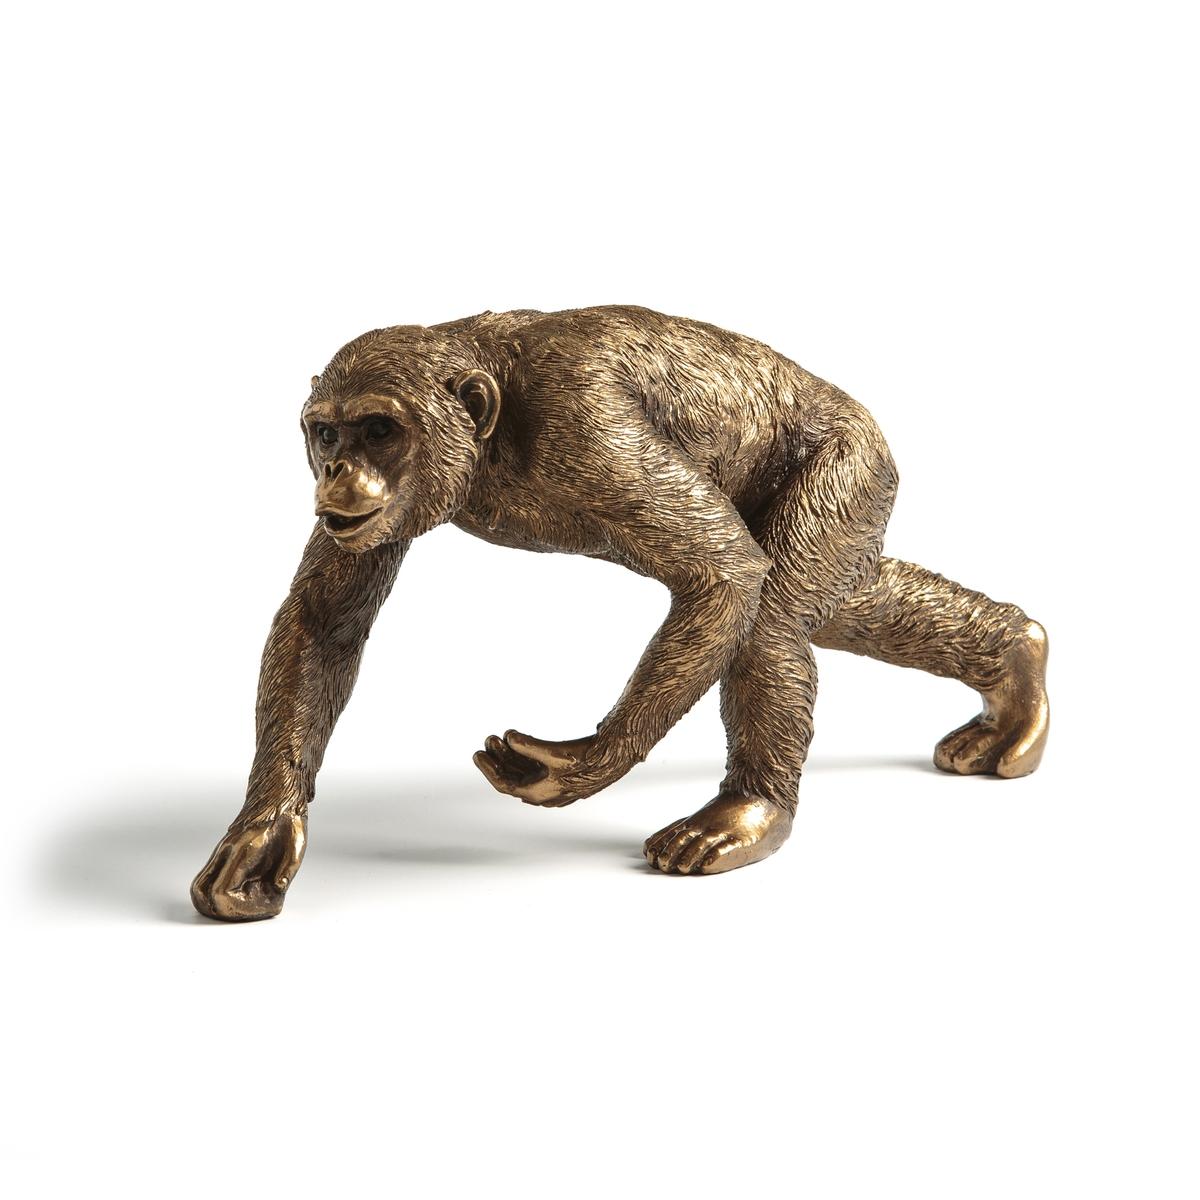 Статуэтка La Redoute Шимпанзе Pedro единый размер золотистый